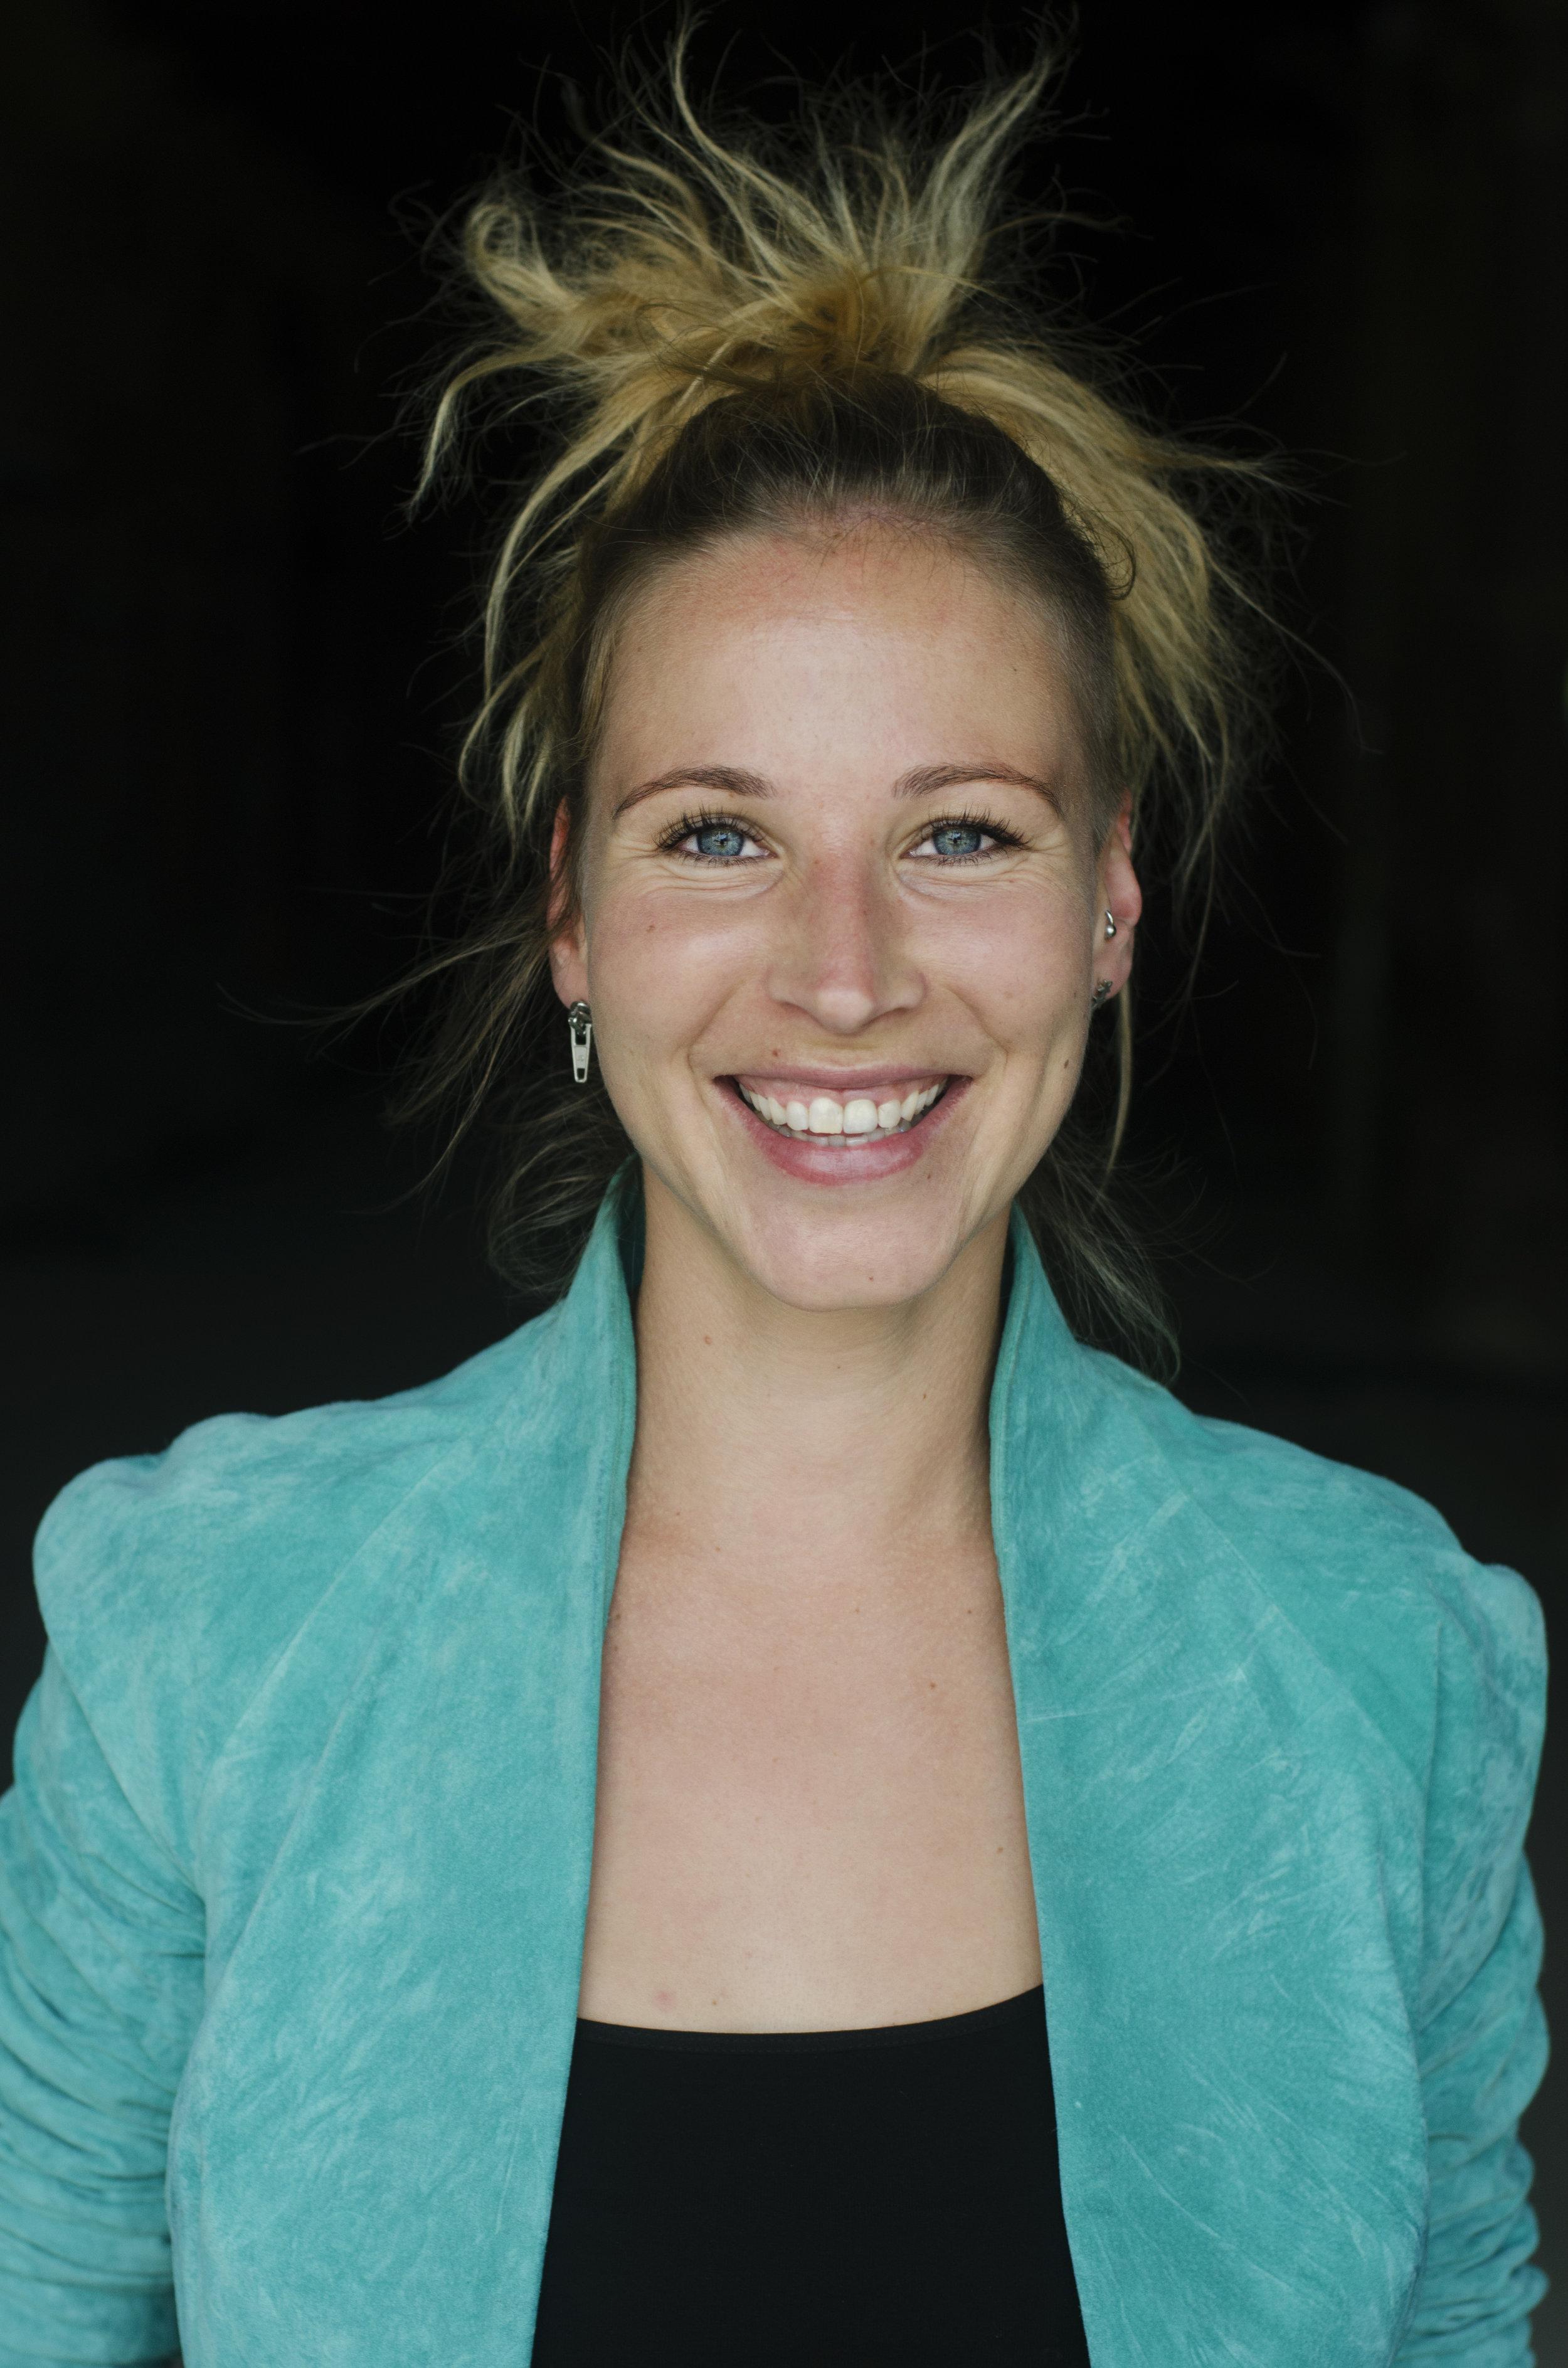 Fränzi Kühne - Fränzi Kühne hat mit zwei Mitgründern 2008 die erste Social Media Agentur in Deutschland gegründet. Heute ist Torben Lucie und die gelbe Gefahr zwar verkauft, Fränzi arbeitet allerdings weiter als Geschäftsführerin und machte 2017 als jüngste Aufsichtsrätin Deutschlands Schlagzeilen.www.tlgg.de